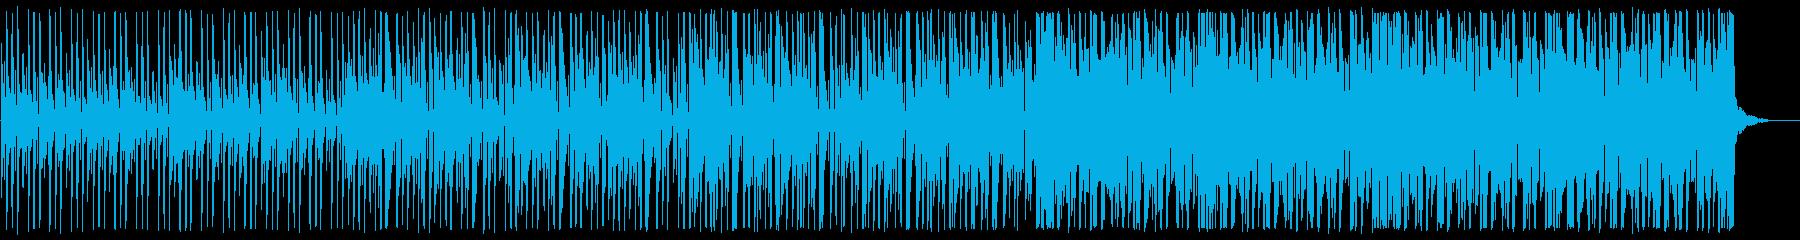 キラキラ/ハウス_No484_2の再生済みの波形